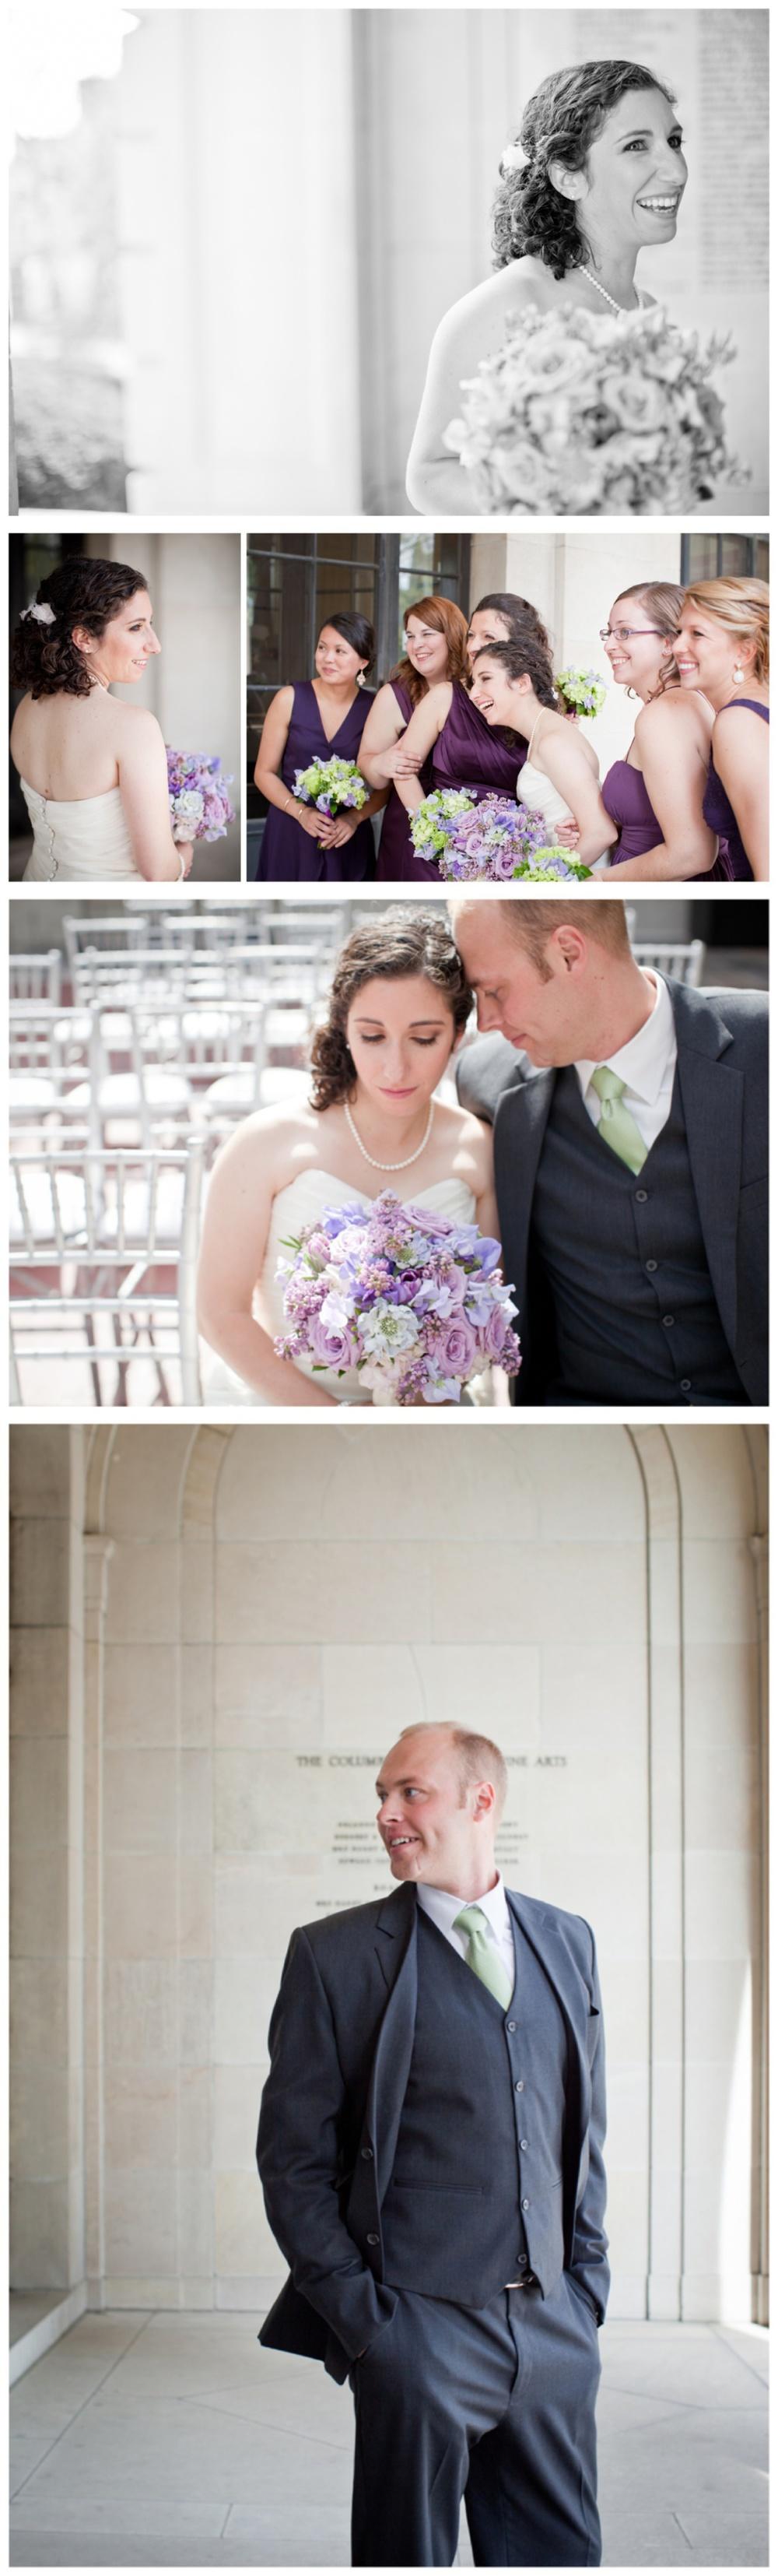 LilyGlassPhotography Columbus Ohio Weddings04.jpg